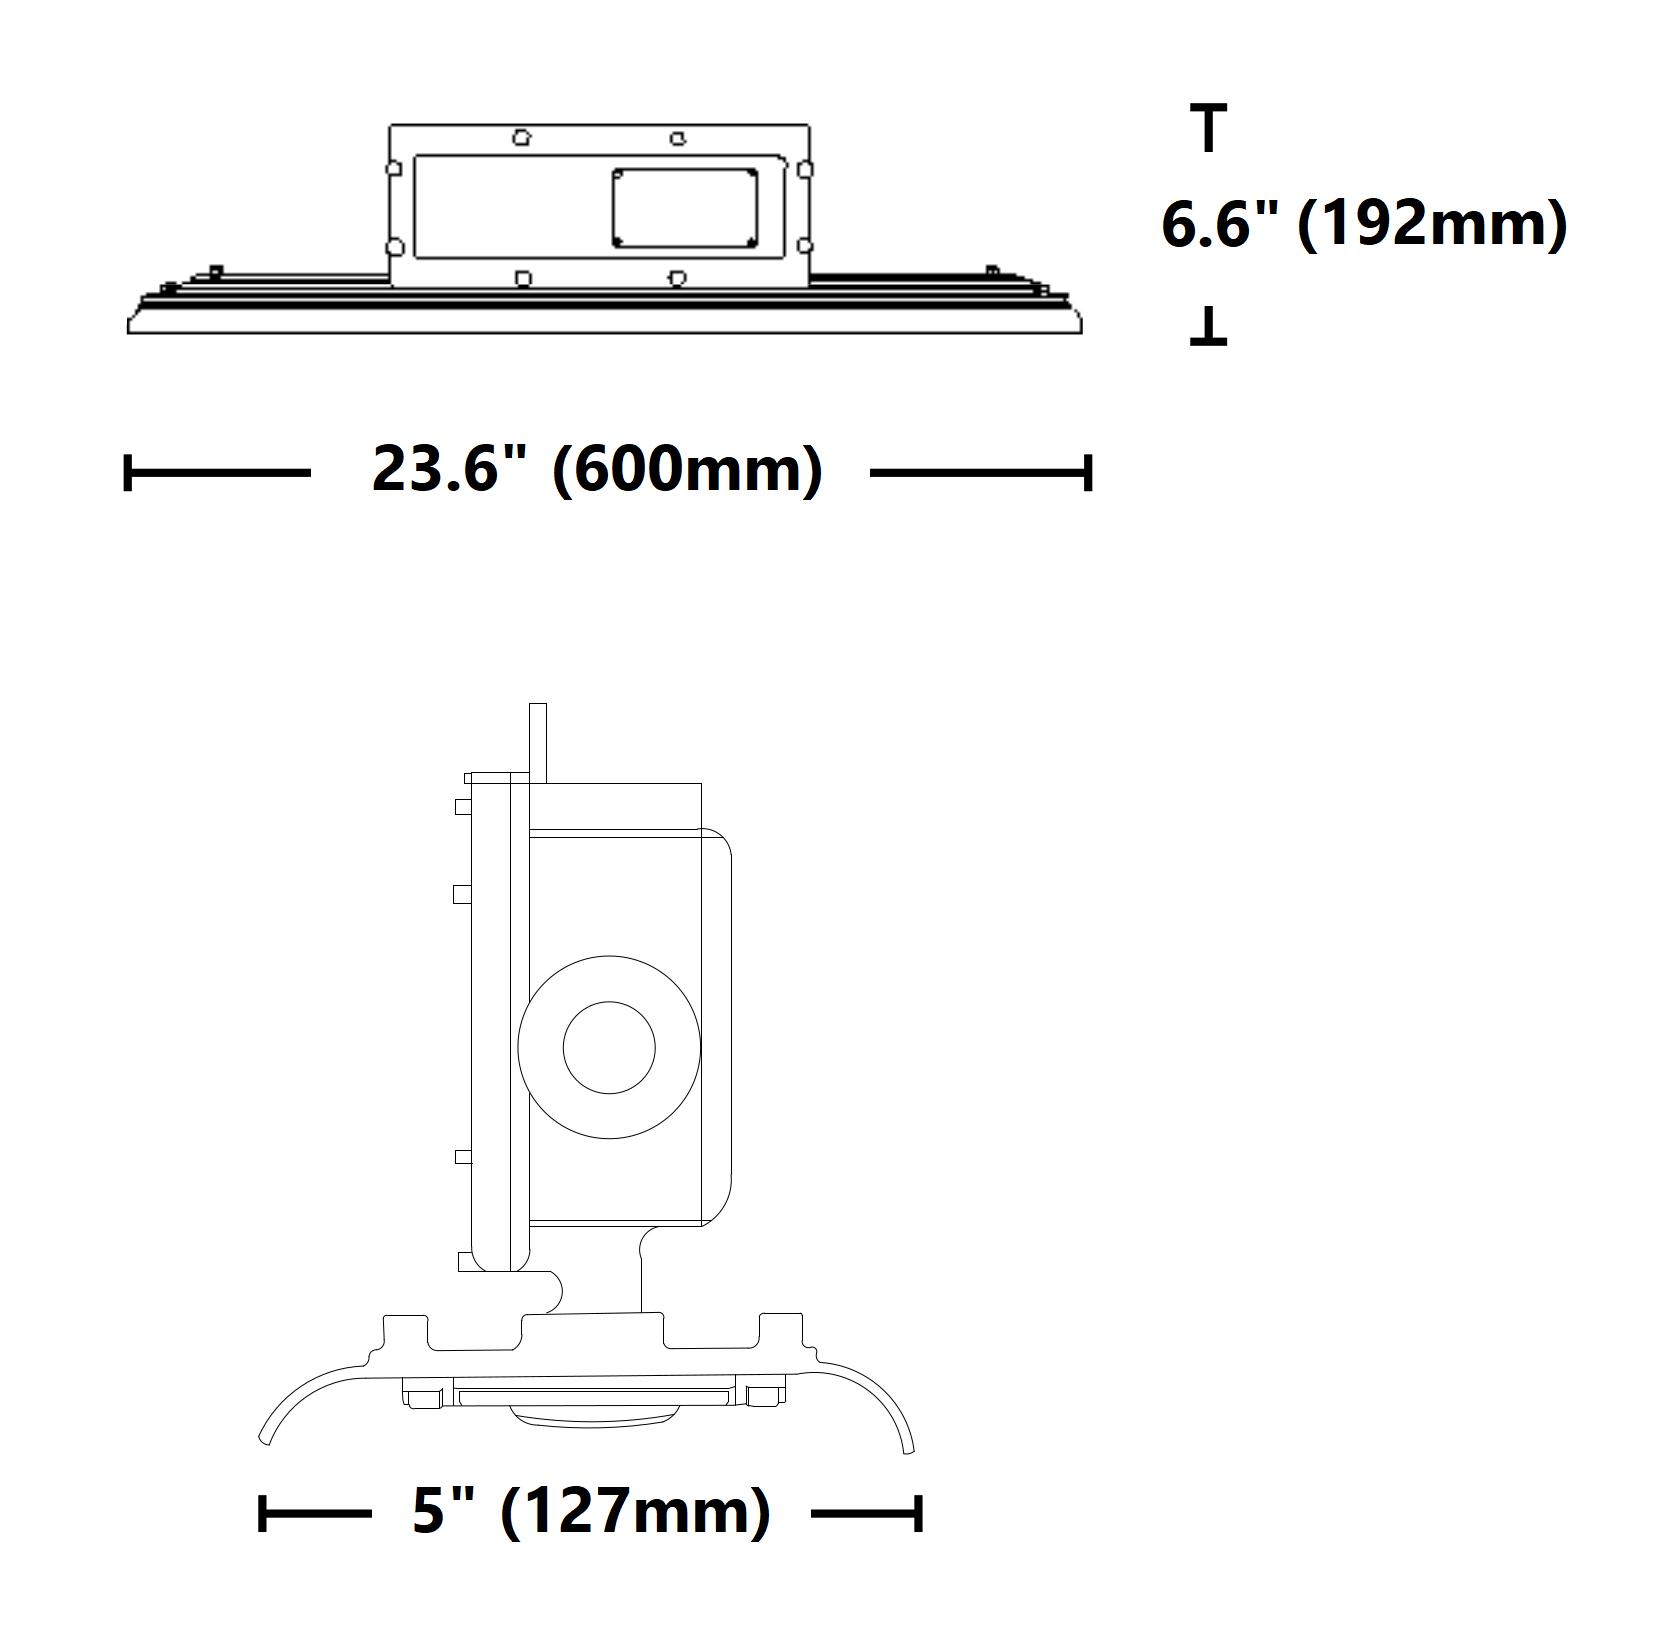 Intrinsically Safe Light 40 Watt Led Linear Nicor